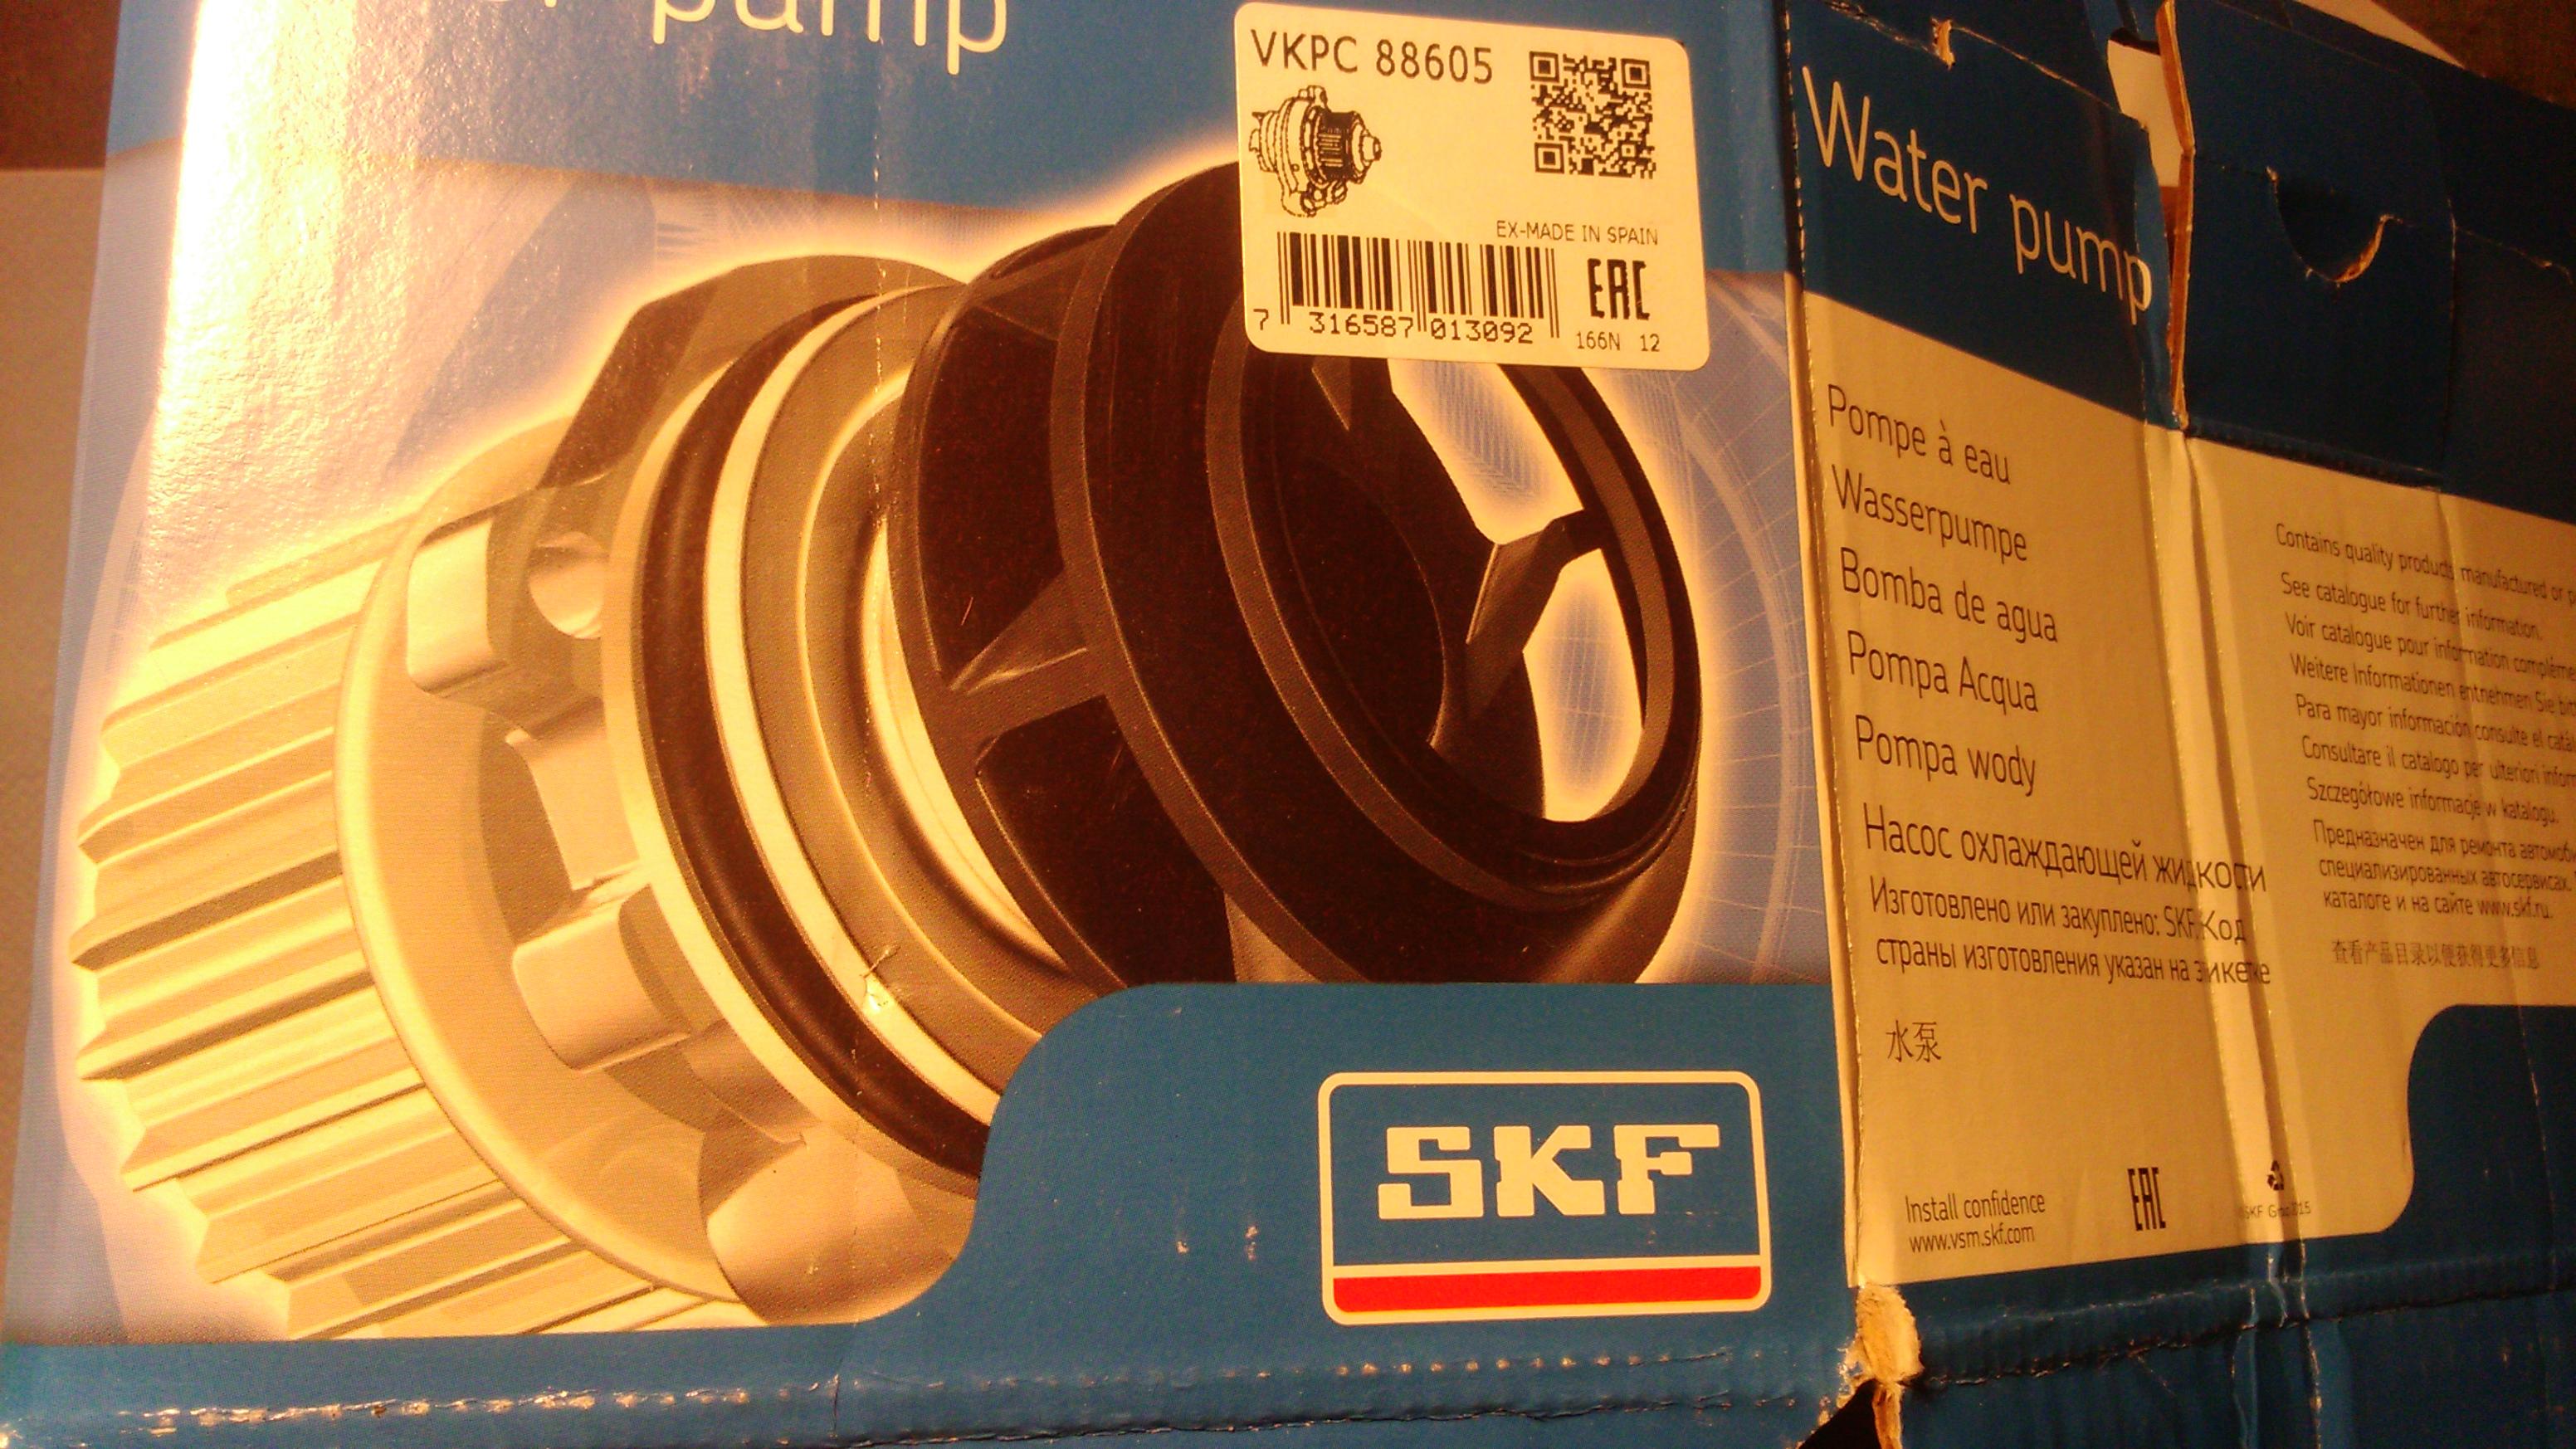 SKF Pompa Acqua-VKPC 88605